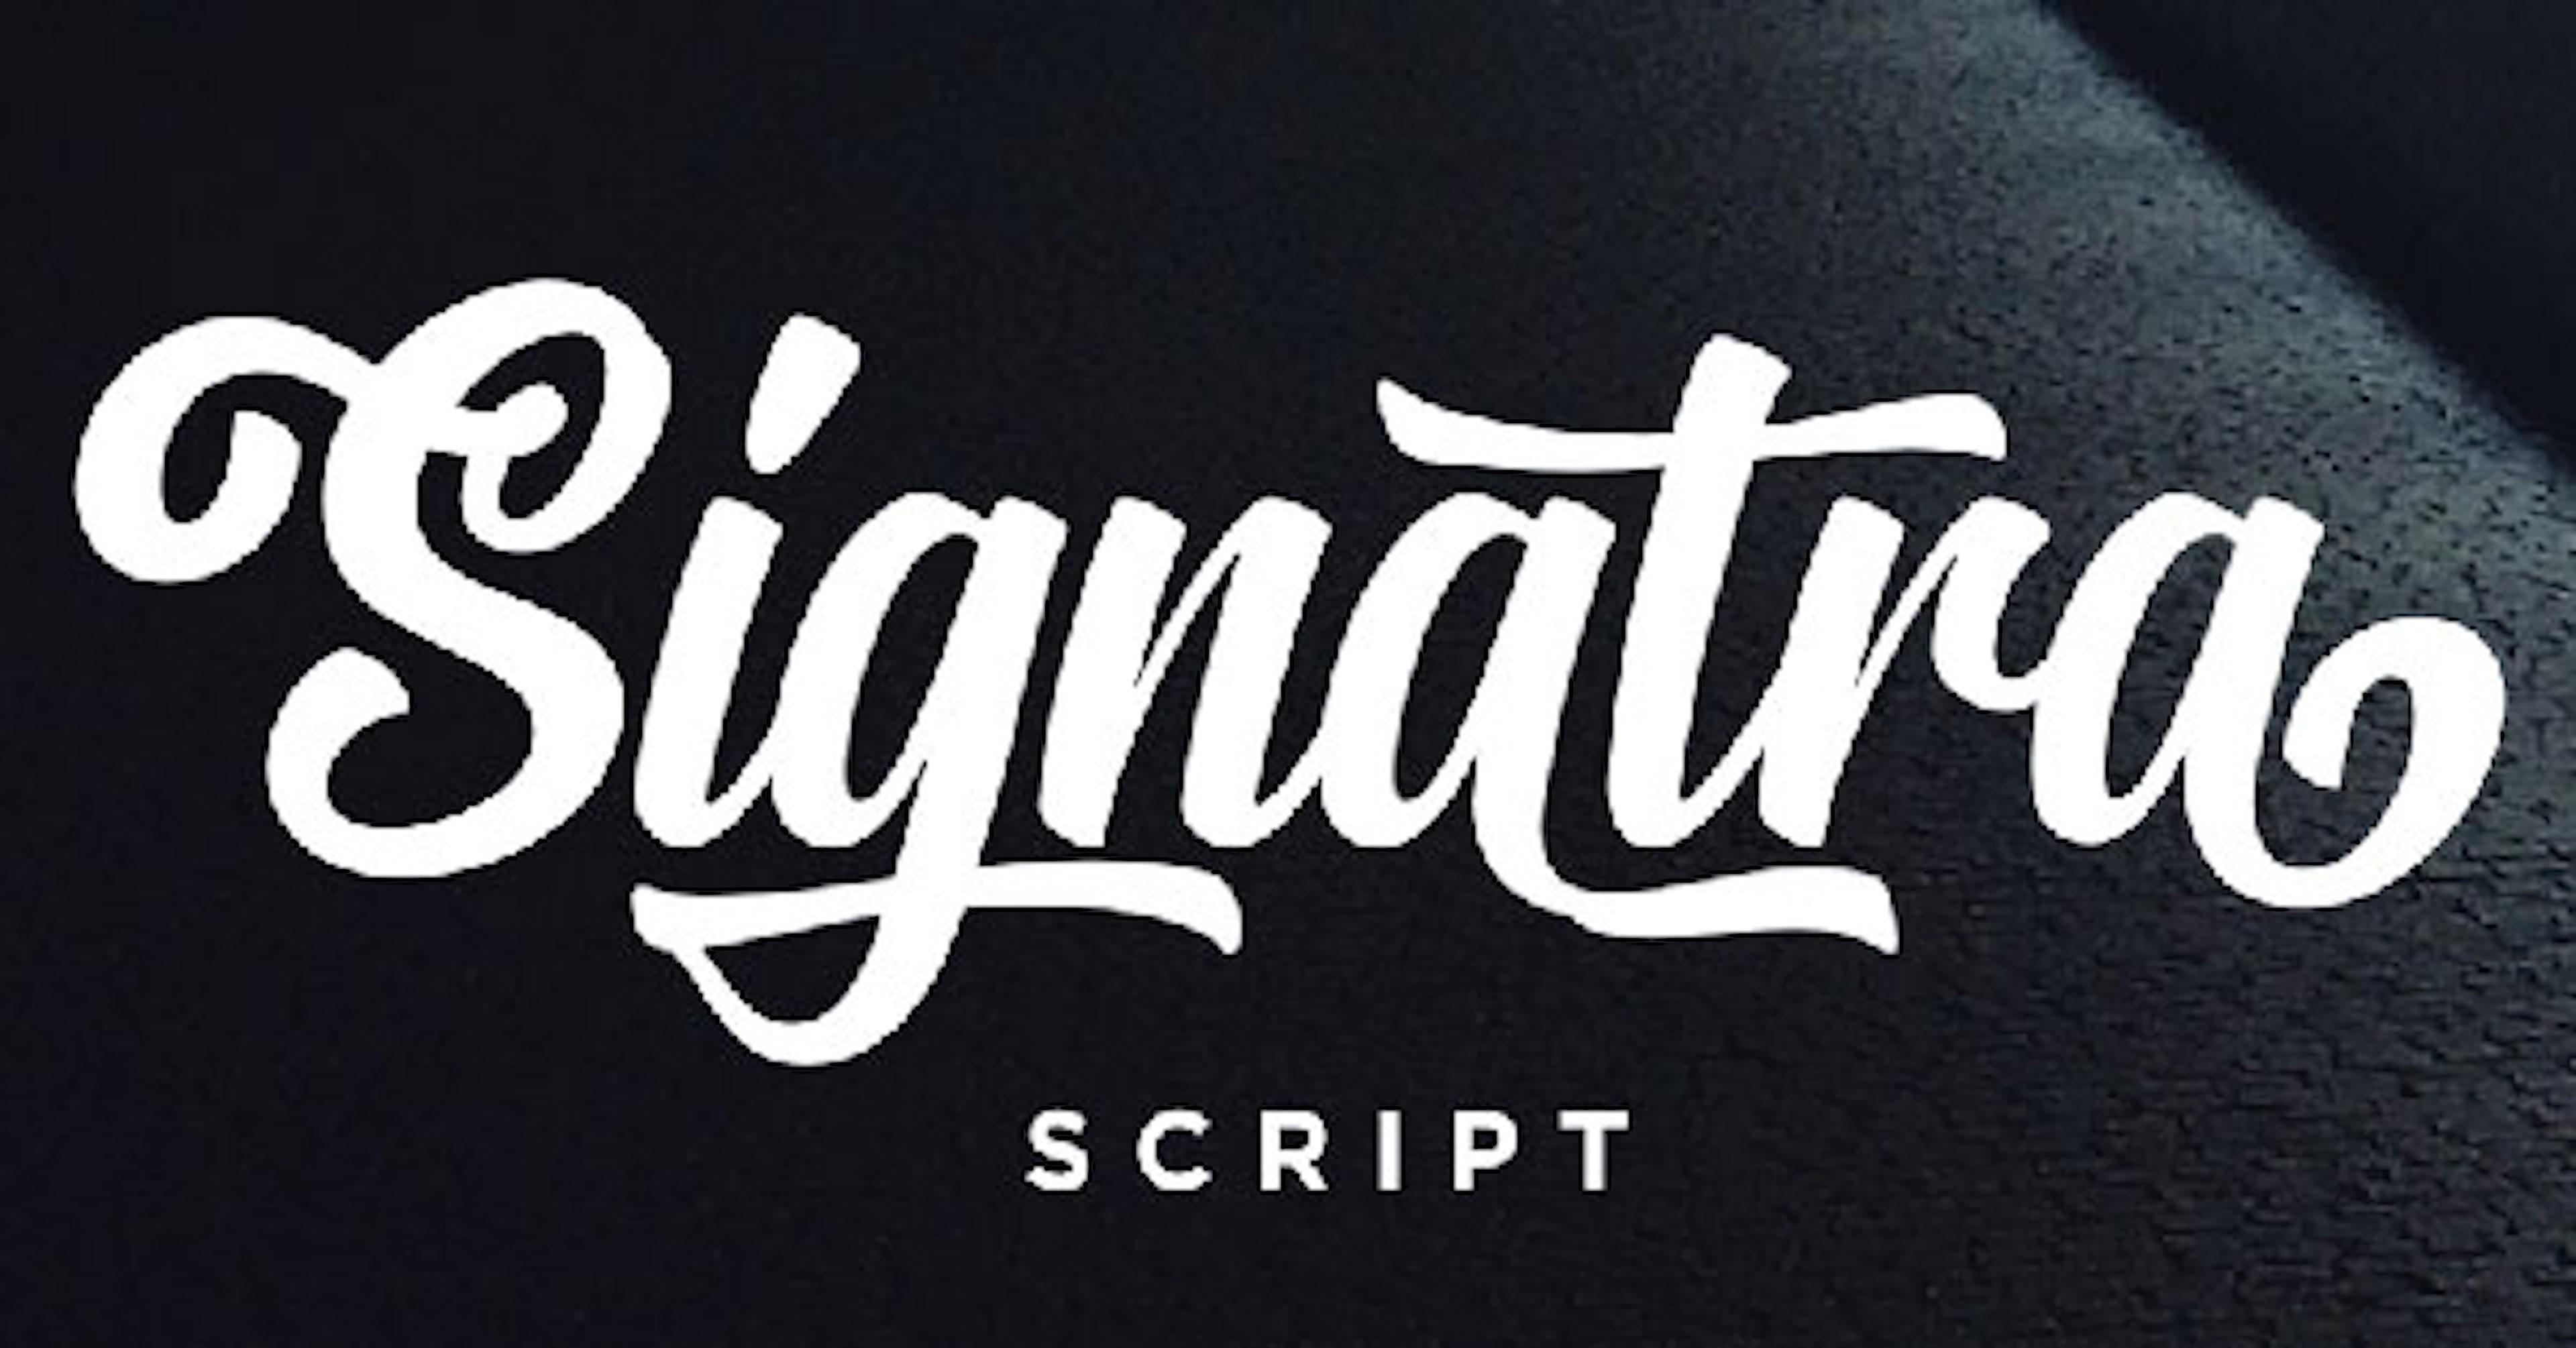 ¿Qué tipografía es? Aquí te decimos cómo acabar con esa duda